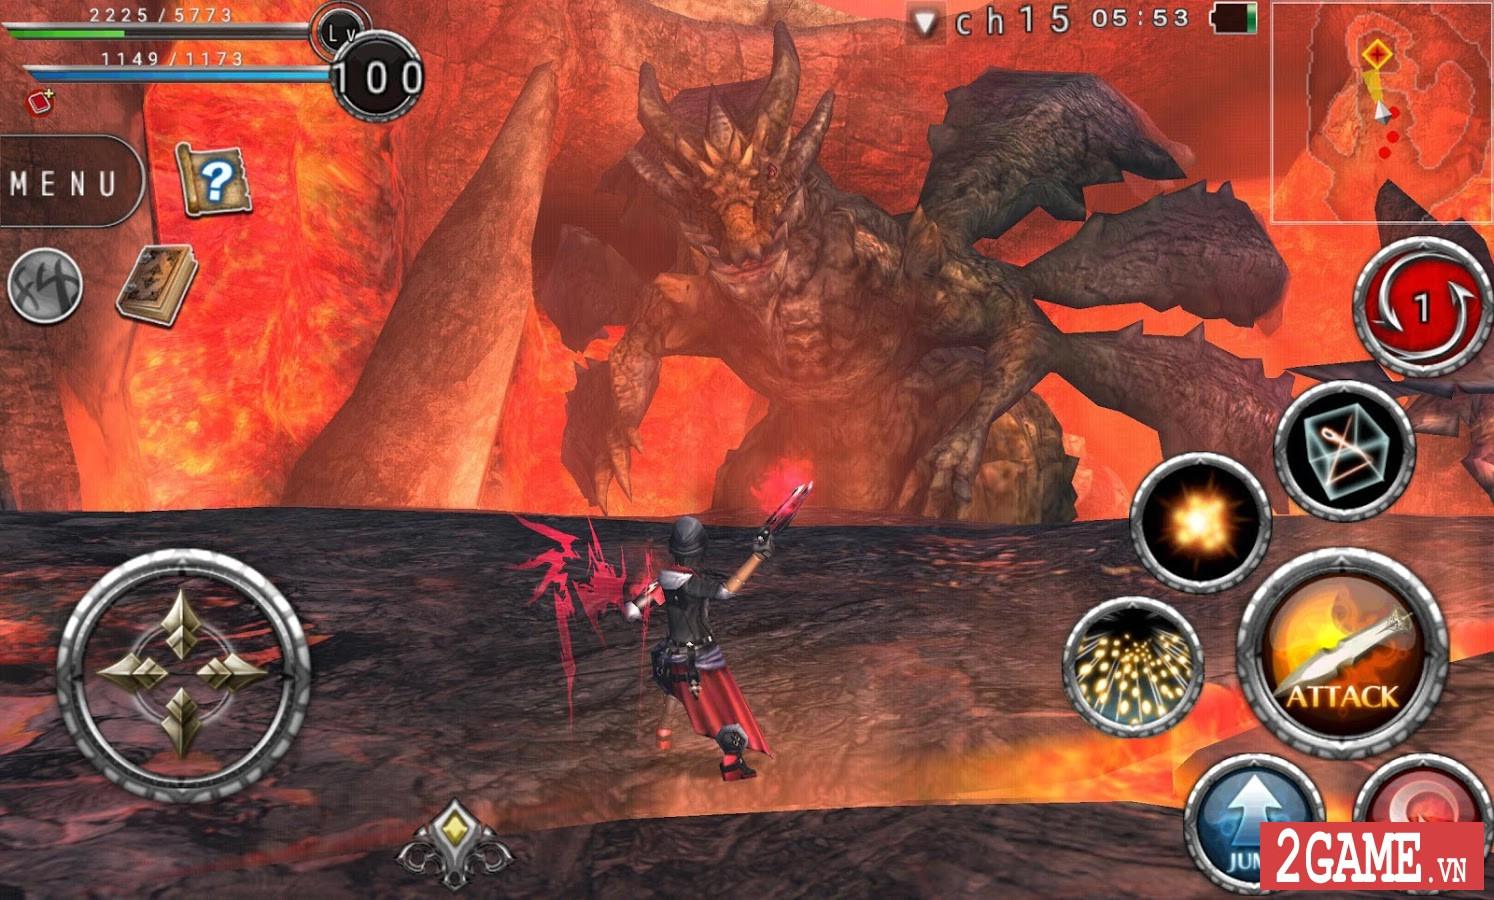 Avabel Online – MMORPG nổi tiếng trên di động chuẩn bị có phiên bản dành riêng cho PC và Console 2